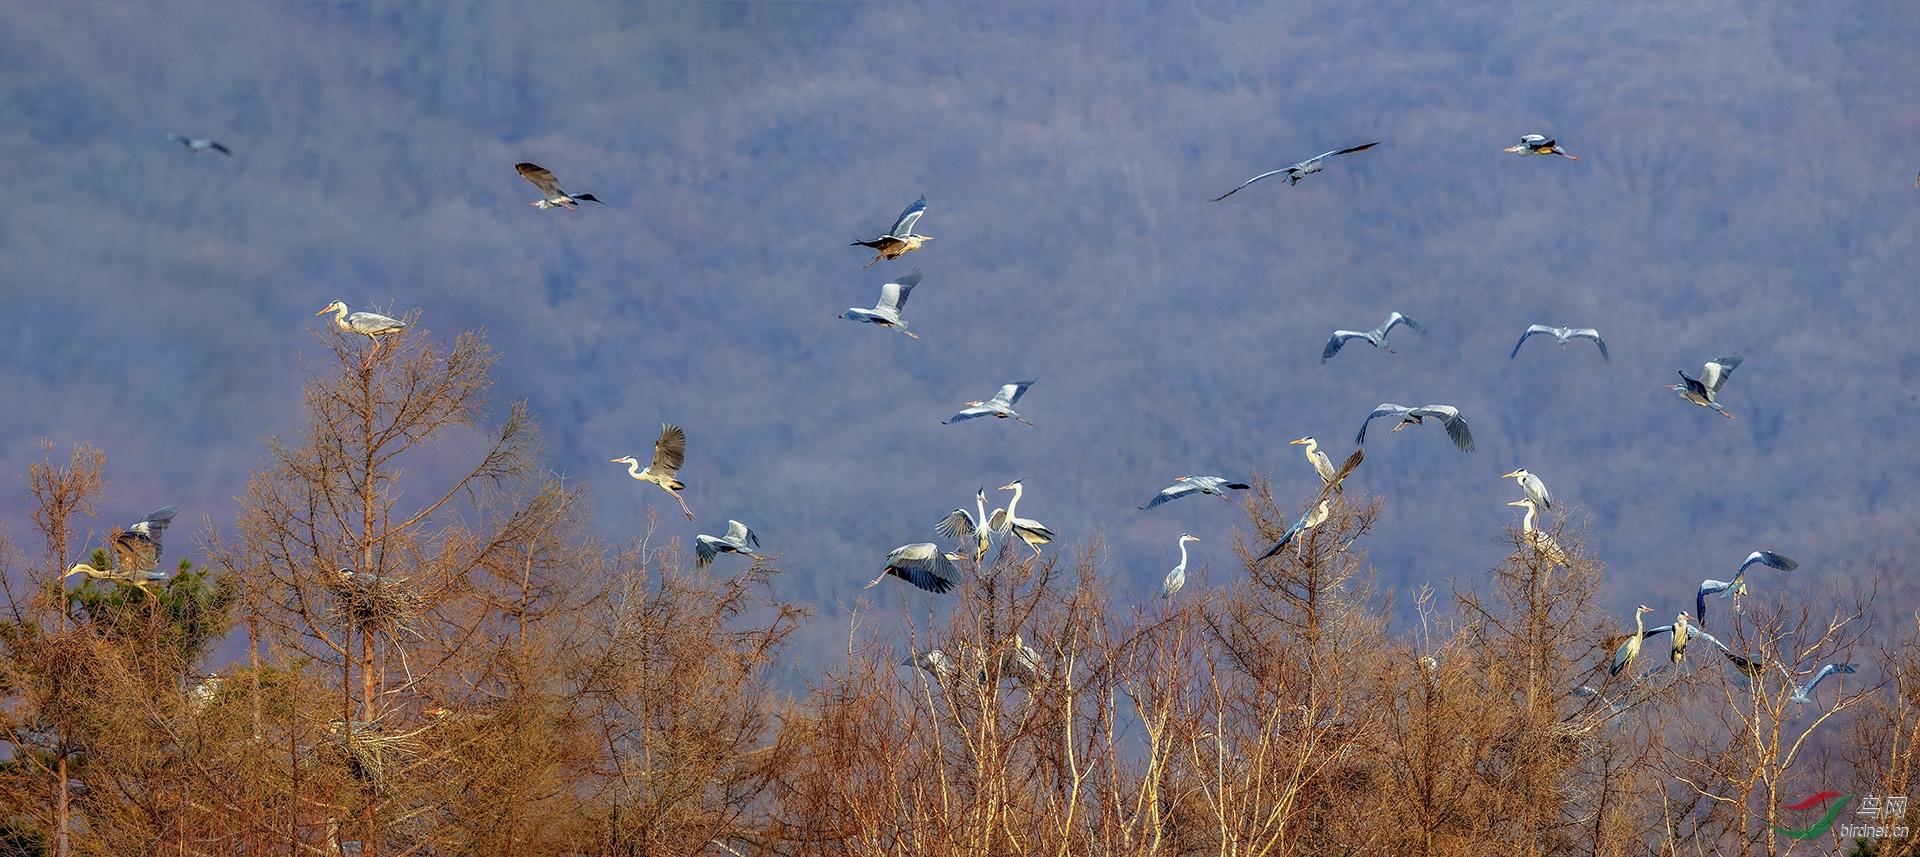 8,枝高入云端•苍鹭舞翩跹  金广山拍摄于转山湖苍鹭岛